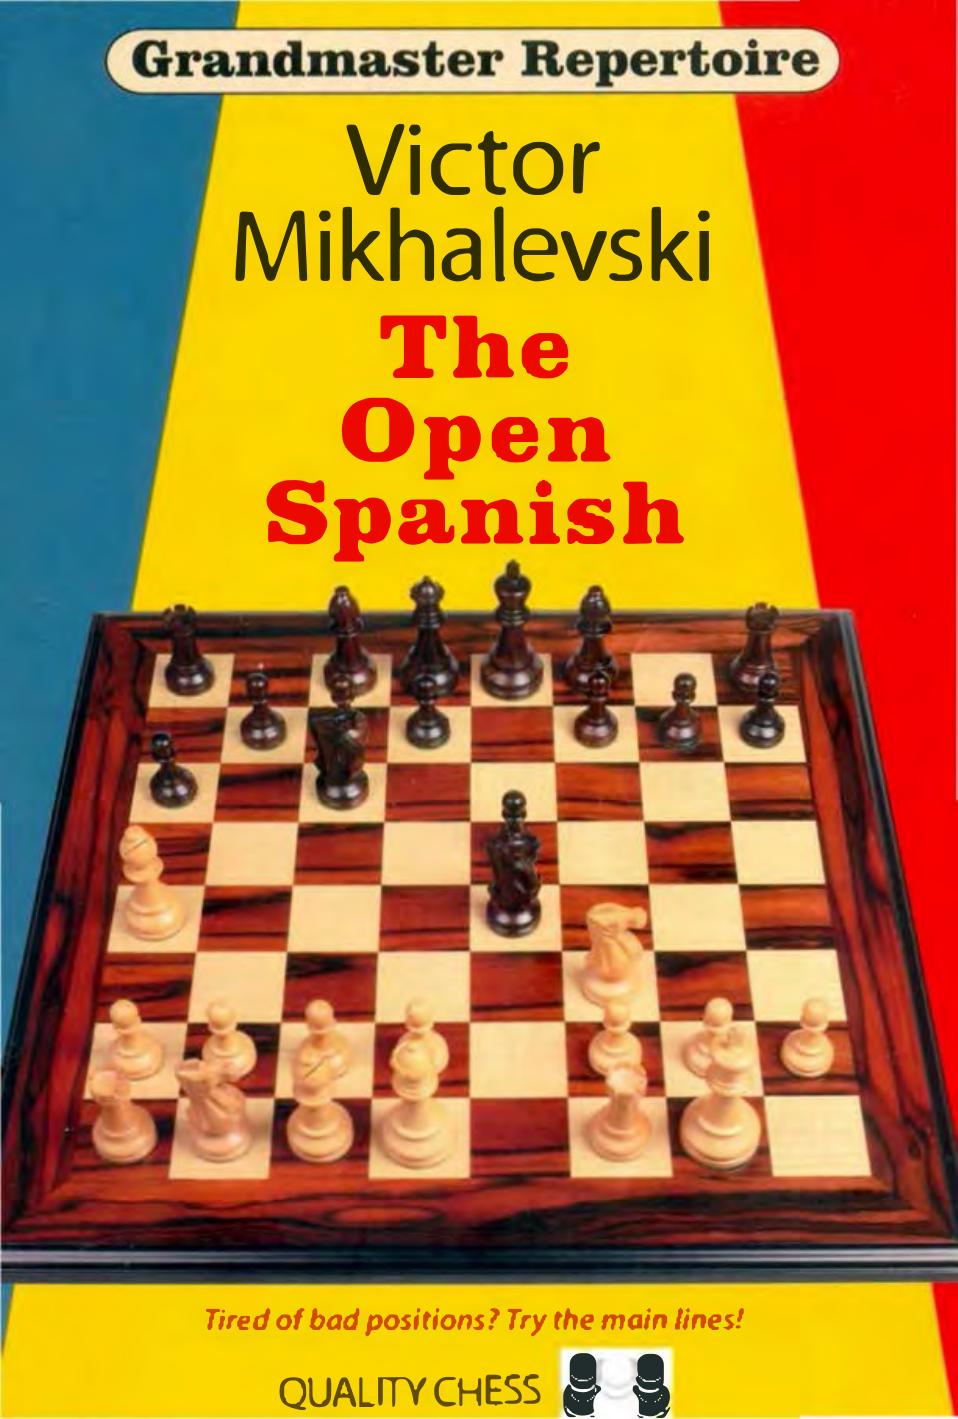 Grandmaster Repertoire 13 The Open Spanish